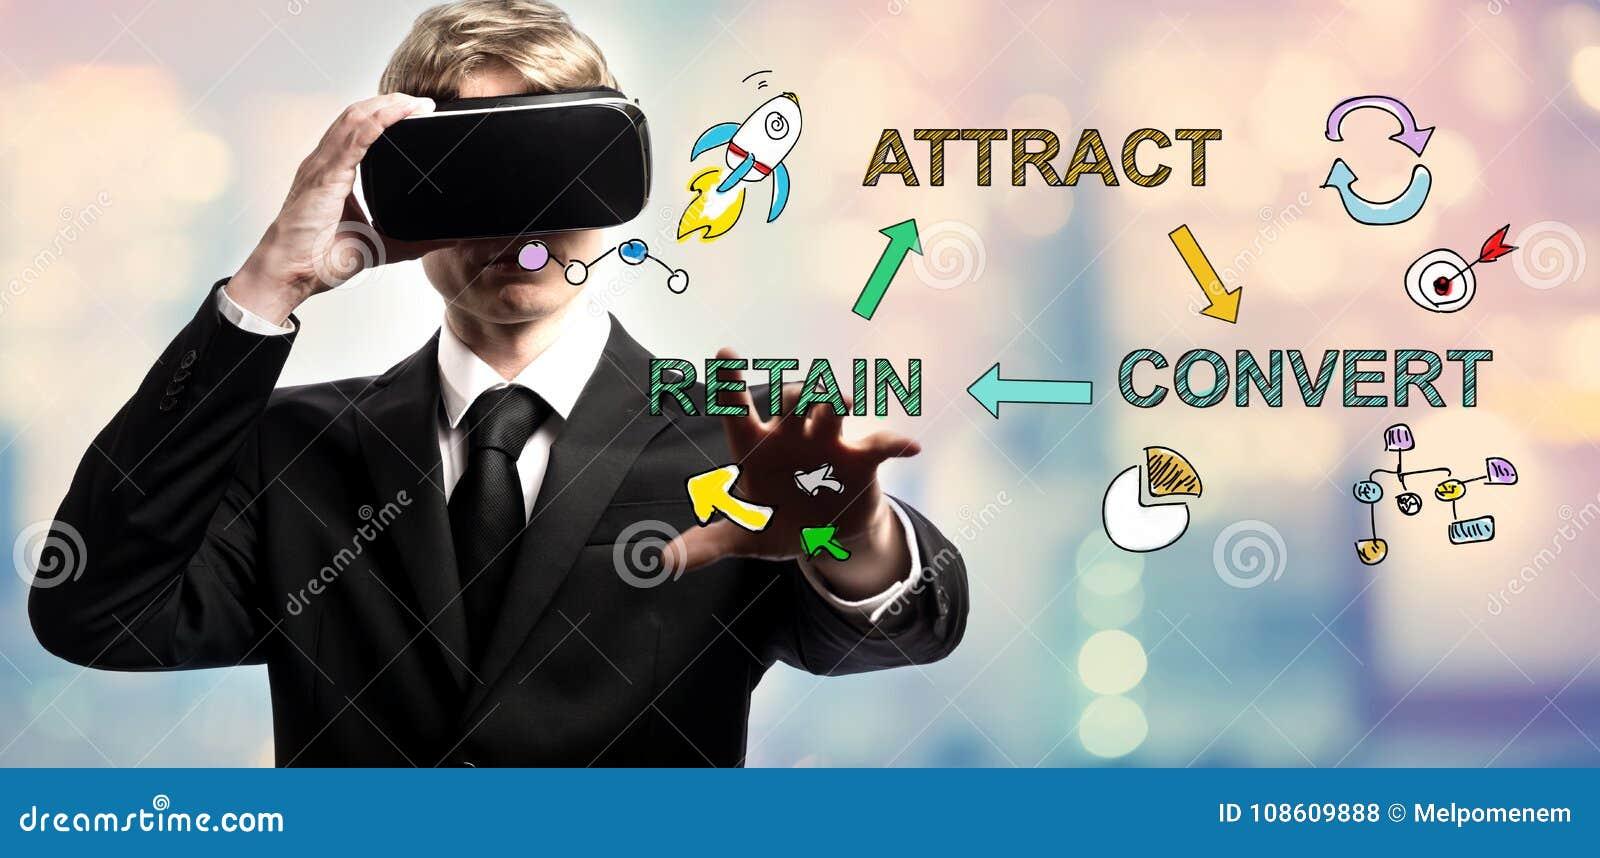 Attirez le converti maintiennent le texte avec l homme d affaires utilisant une réalité virtuelle